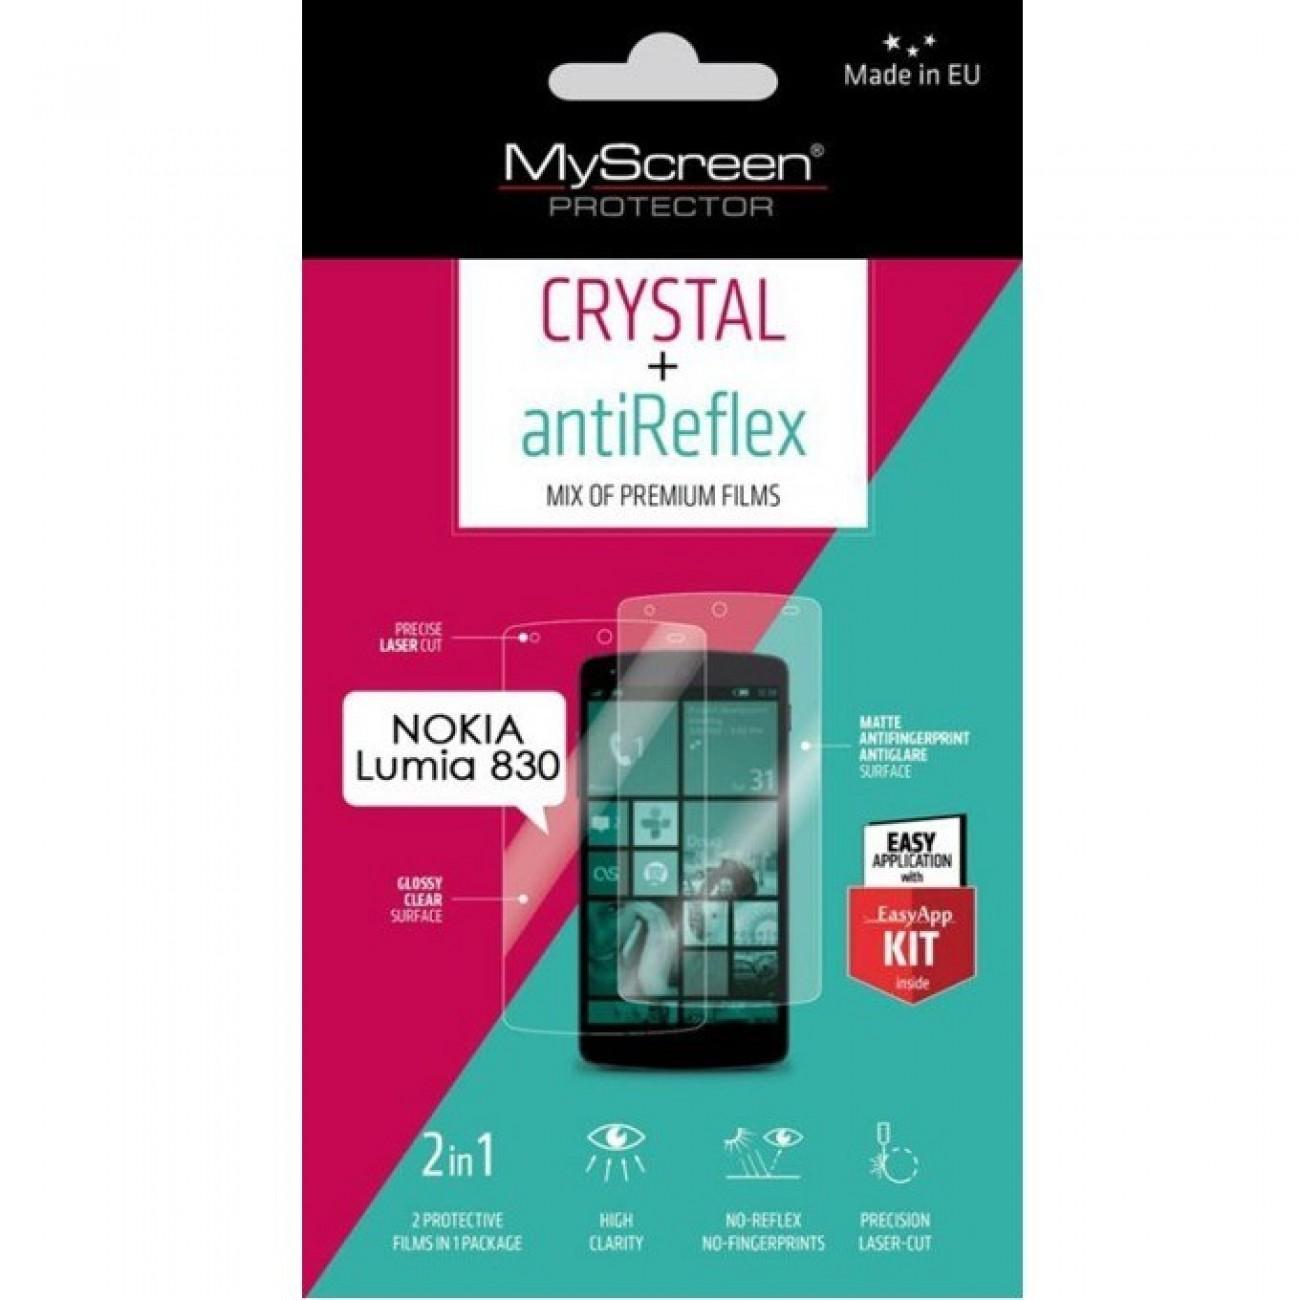 Протектор от закалено стъкло /Tempered Glass/, My Screen Protector, за Nokia Lumia 830, с Anti-Glare фолио в Защитно фолио - My Screen Protector | Alleop